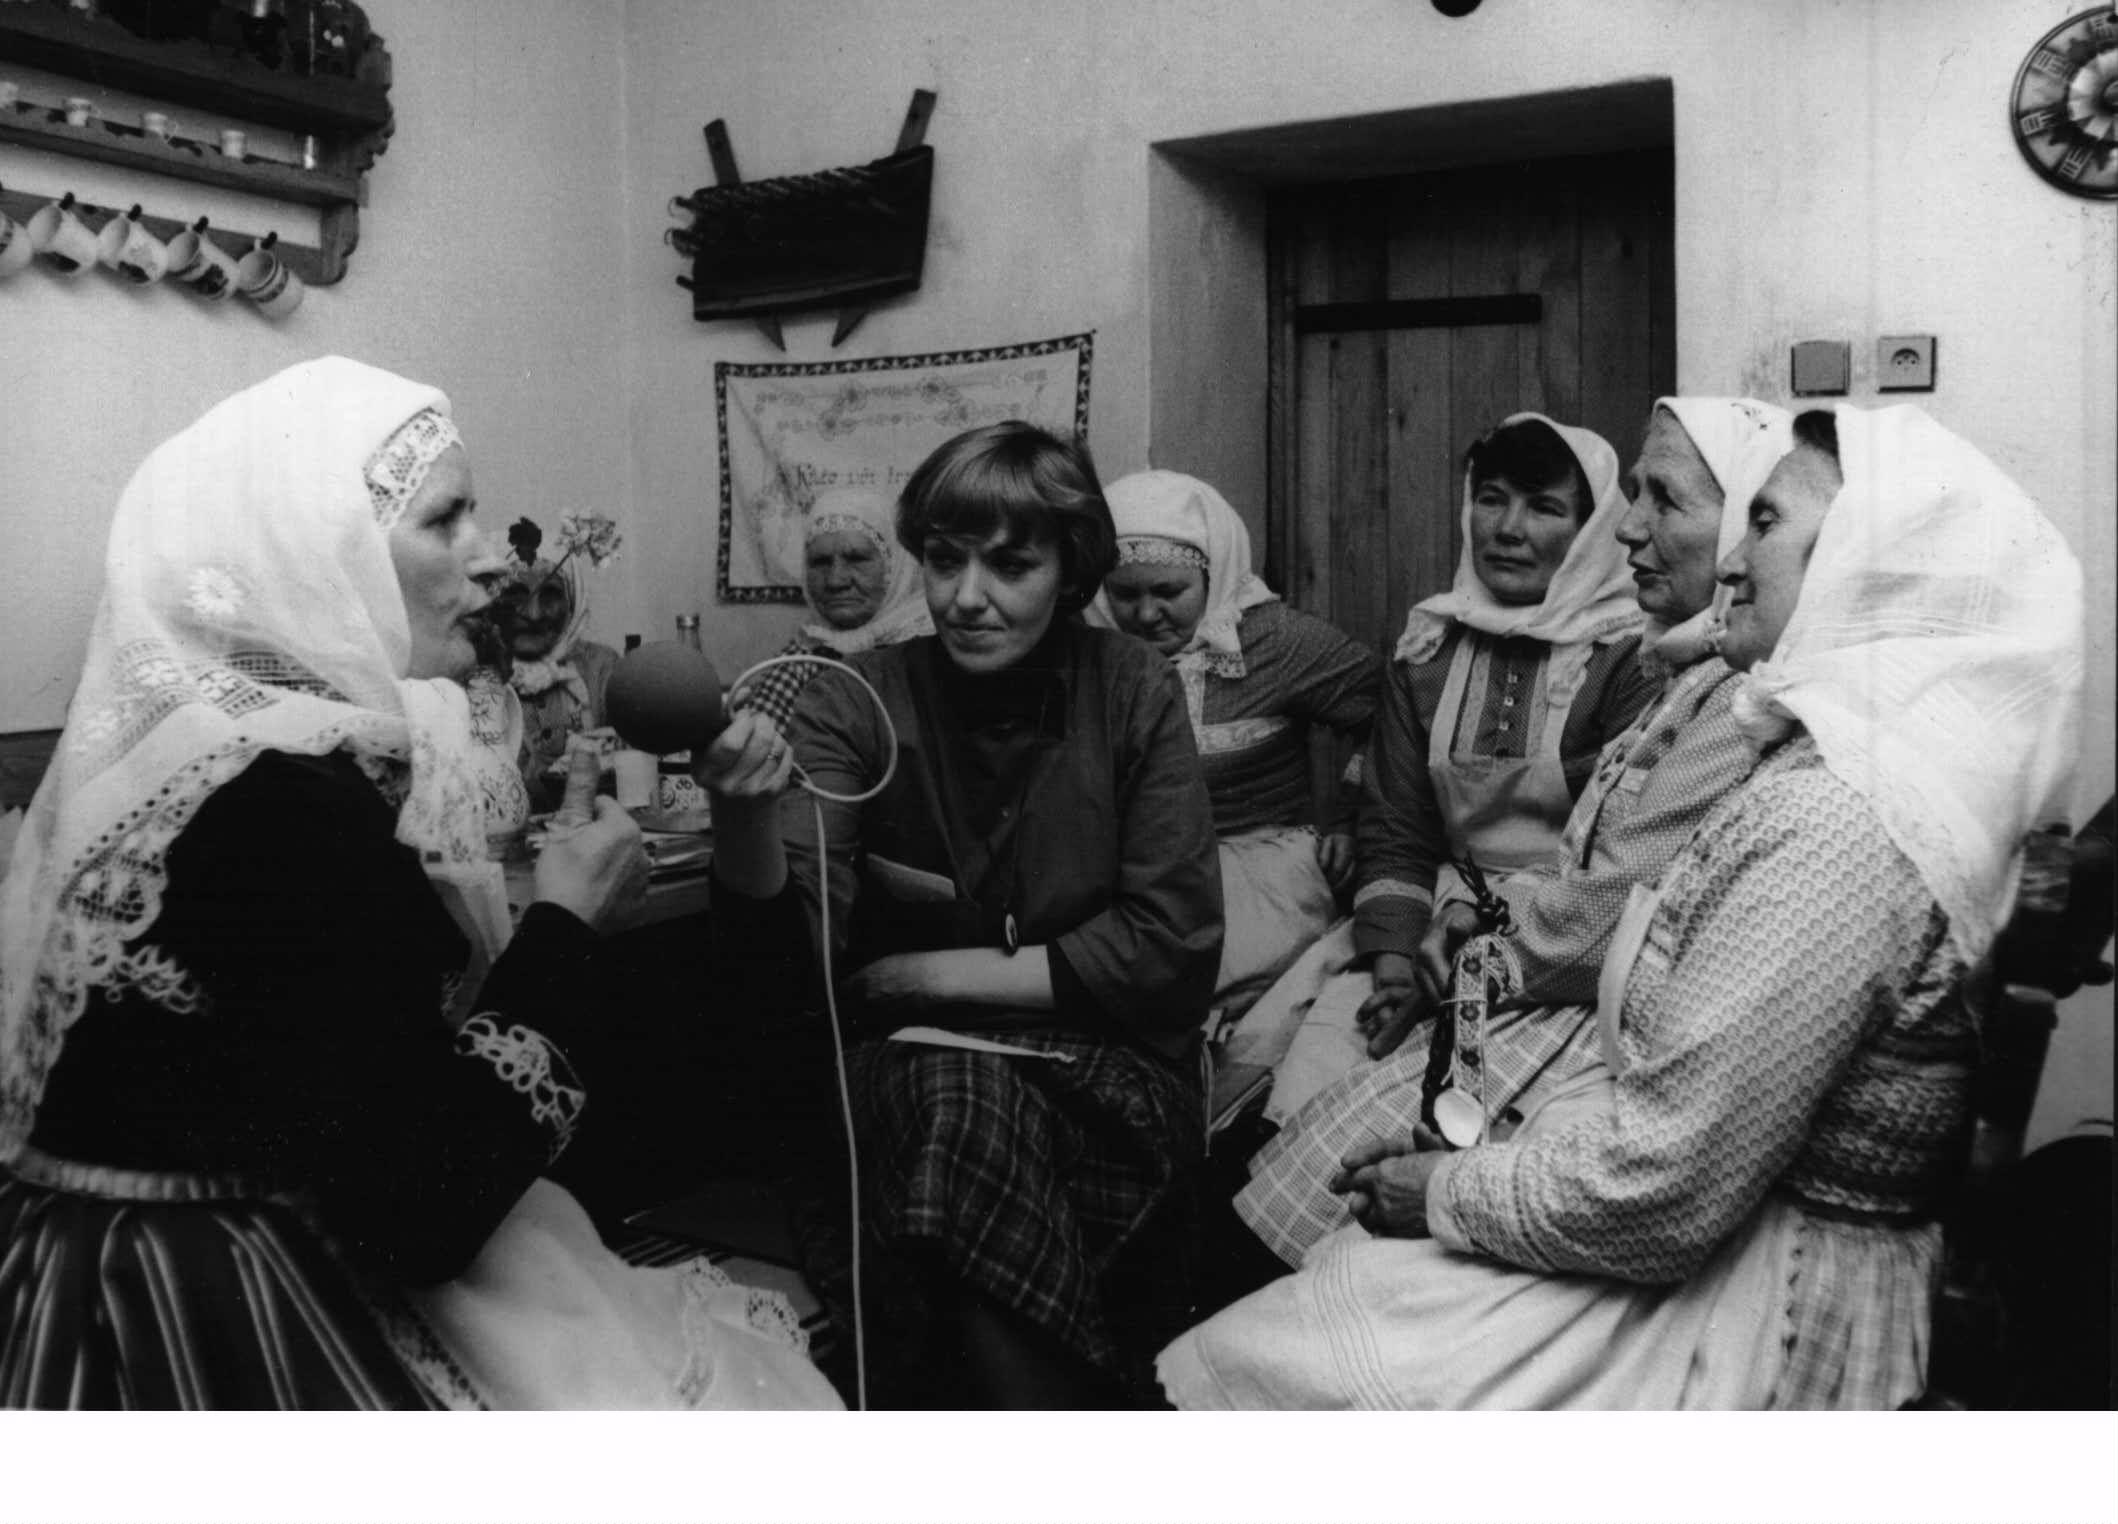 Rozhovor o velikonočních zvycích, rok 1984